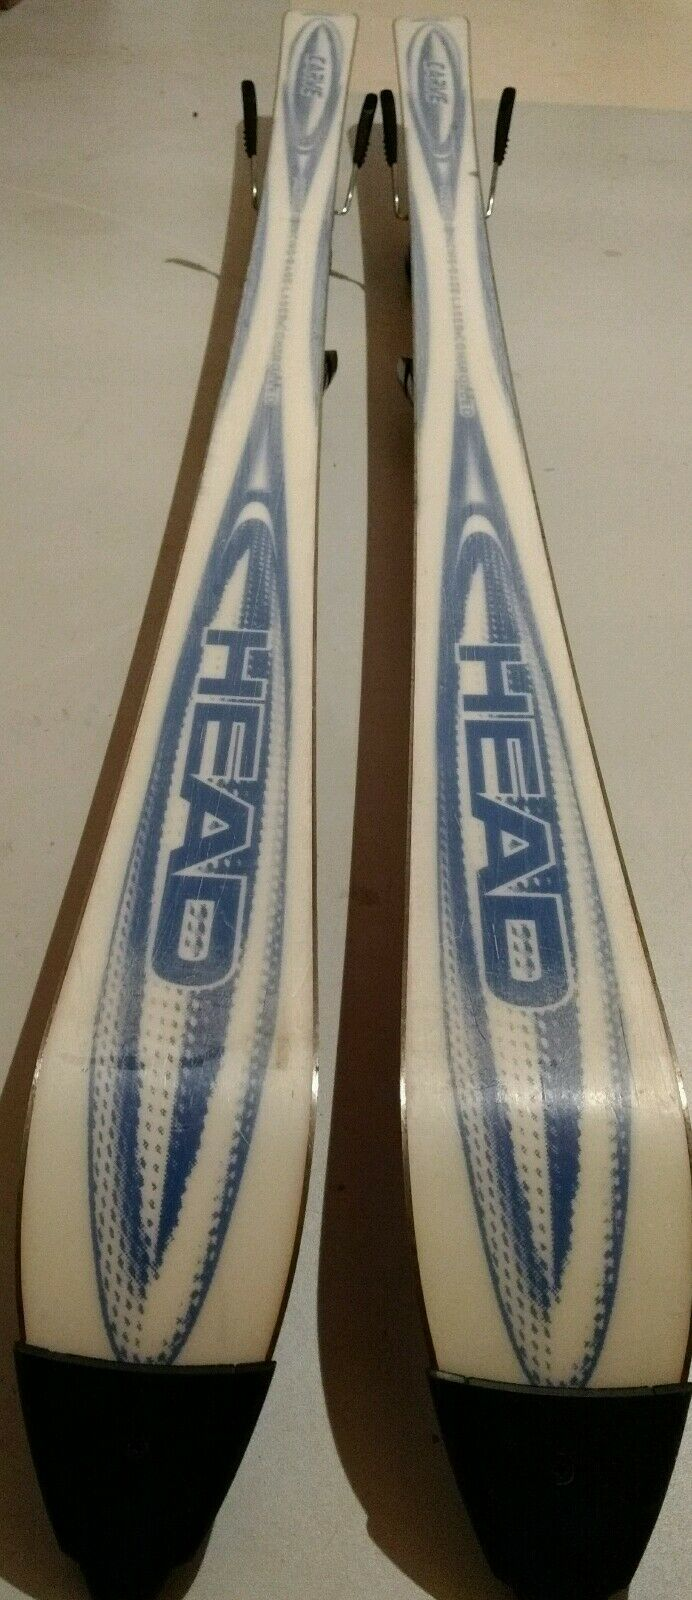 Carving Ski Head Abfahrtski mit mit mit Bindung 1 70 m Skischuh Angebot 162852647941 ed06fe